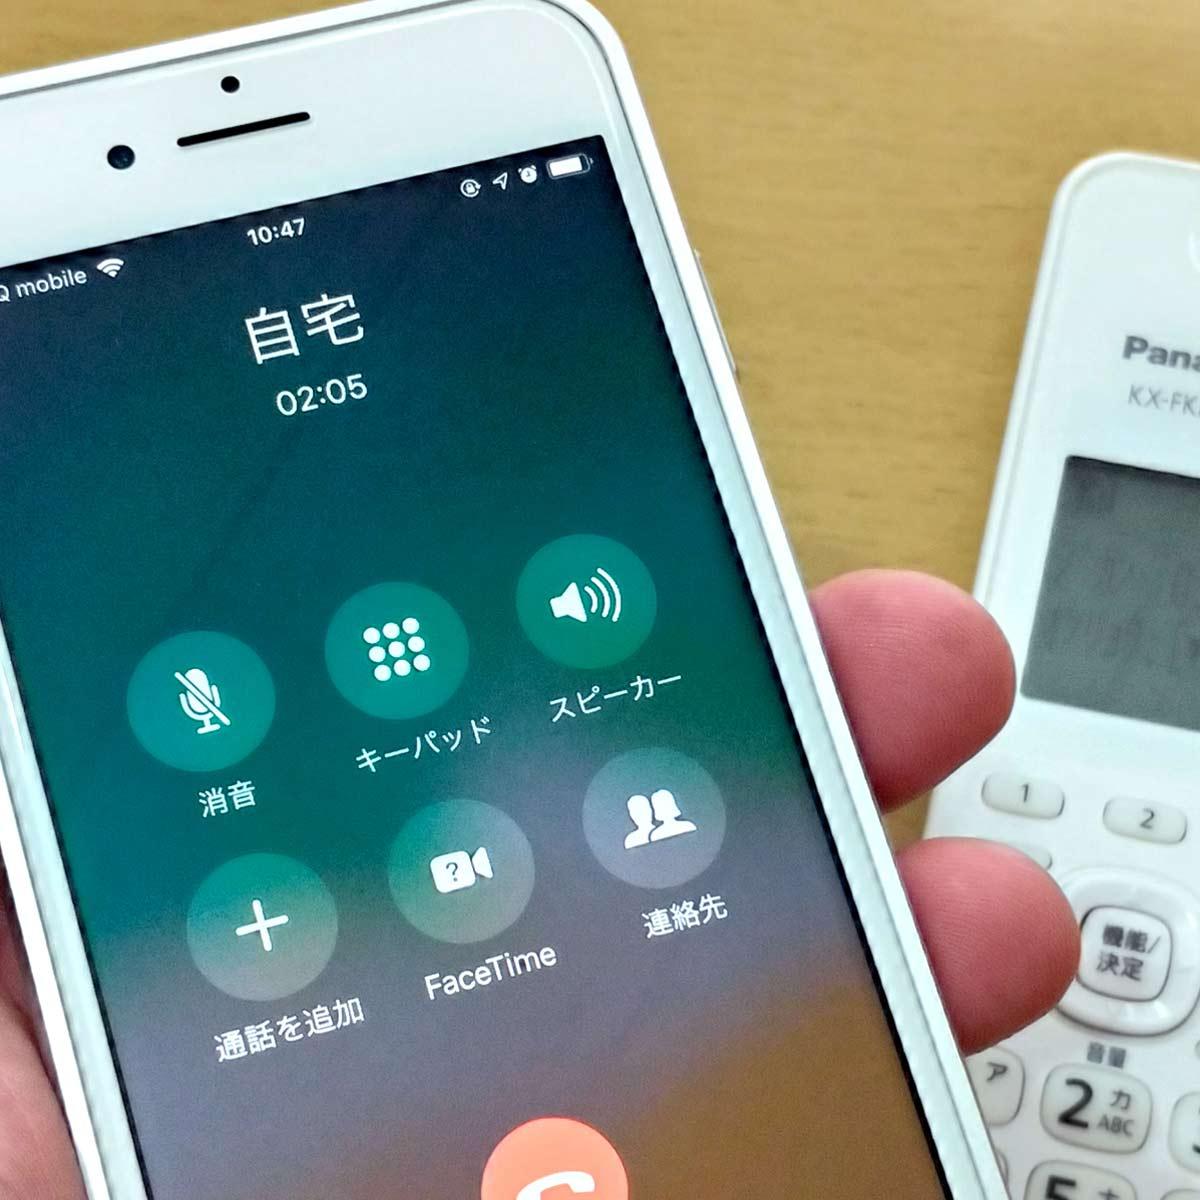 通話料金はどこが安い? 格安SIMの「通話料割引オプション」を比べてみた